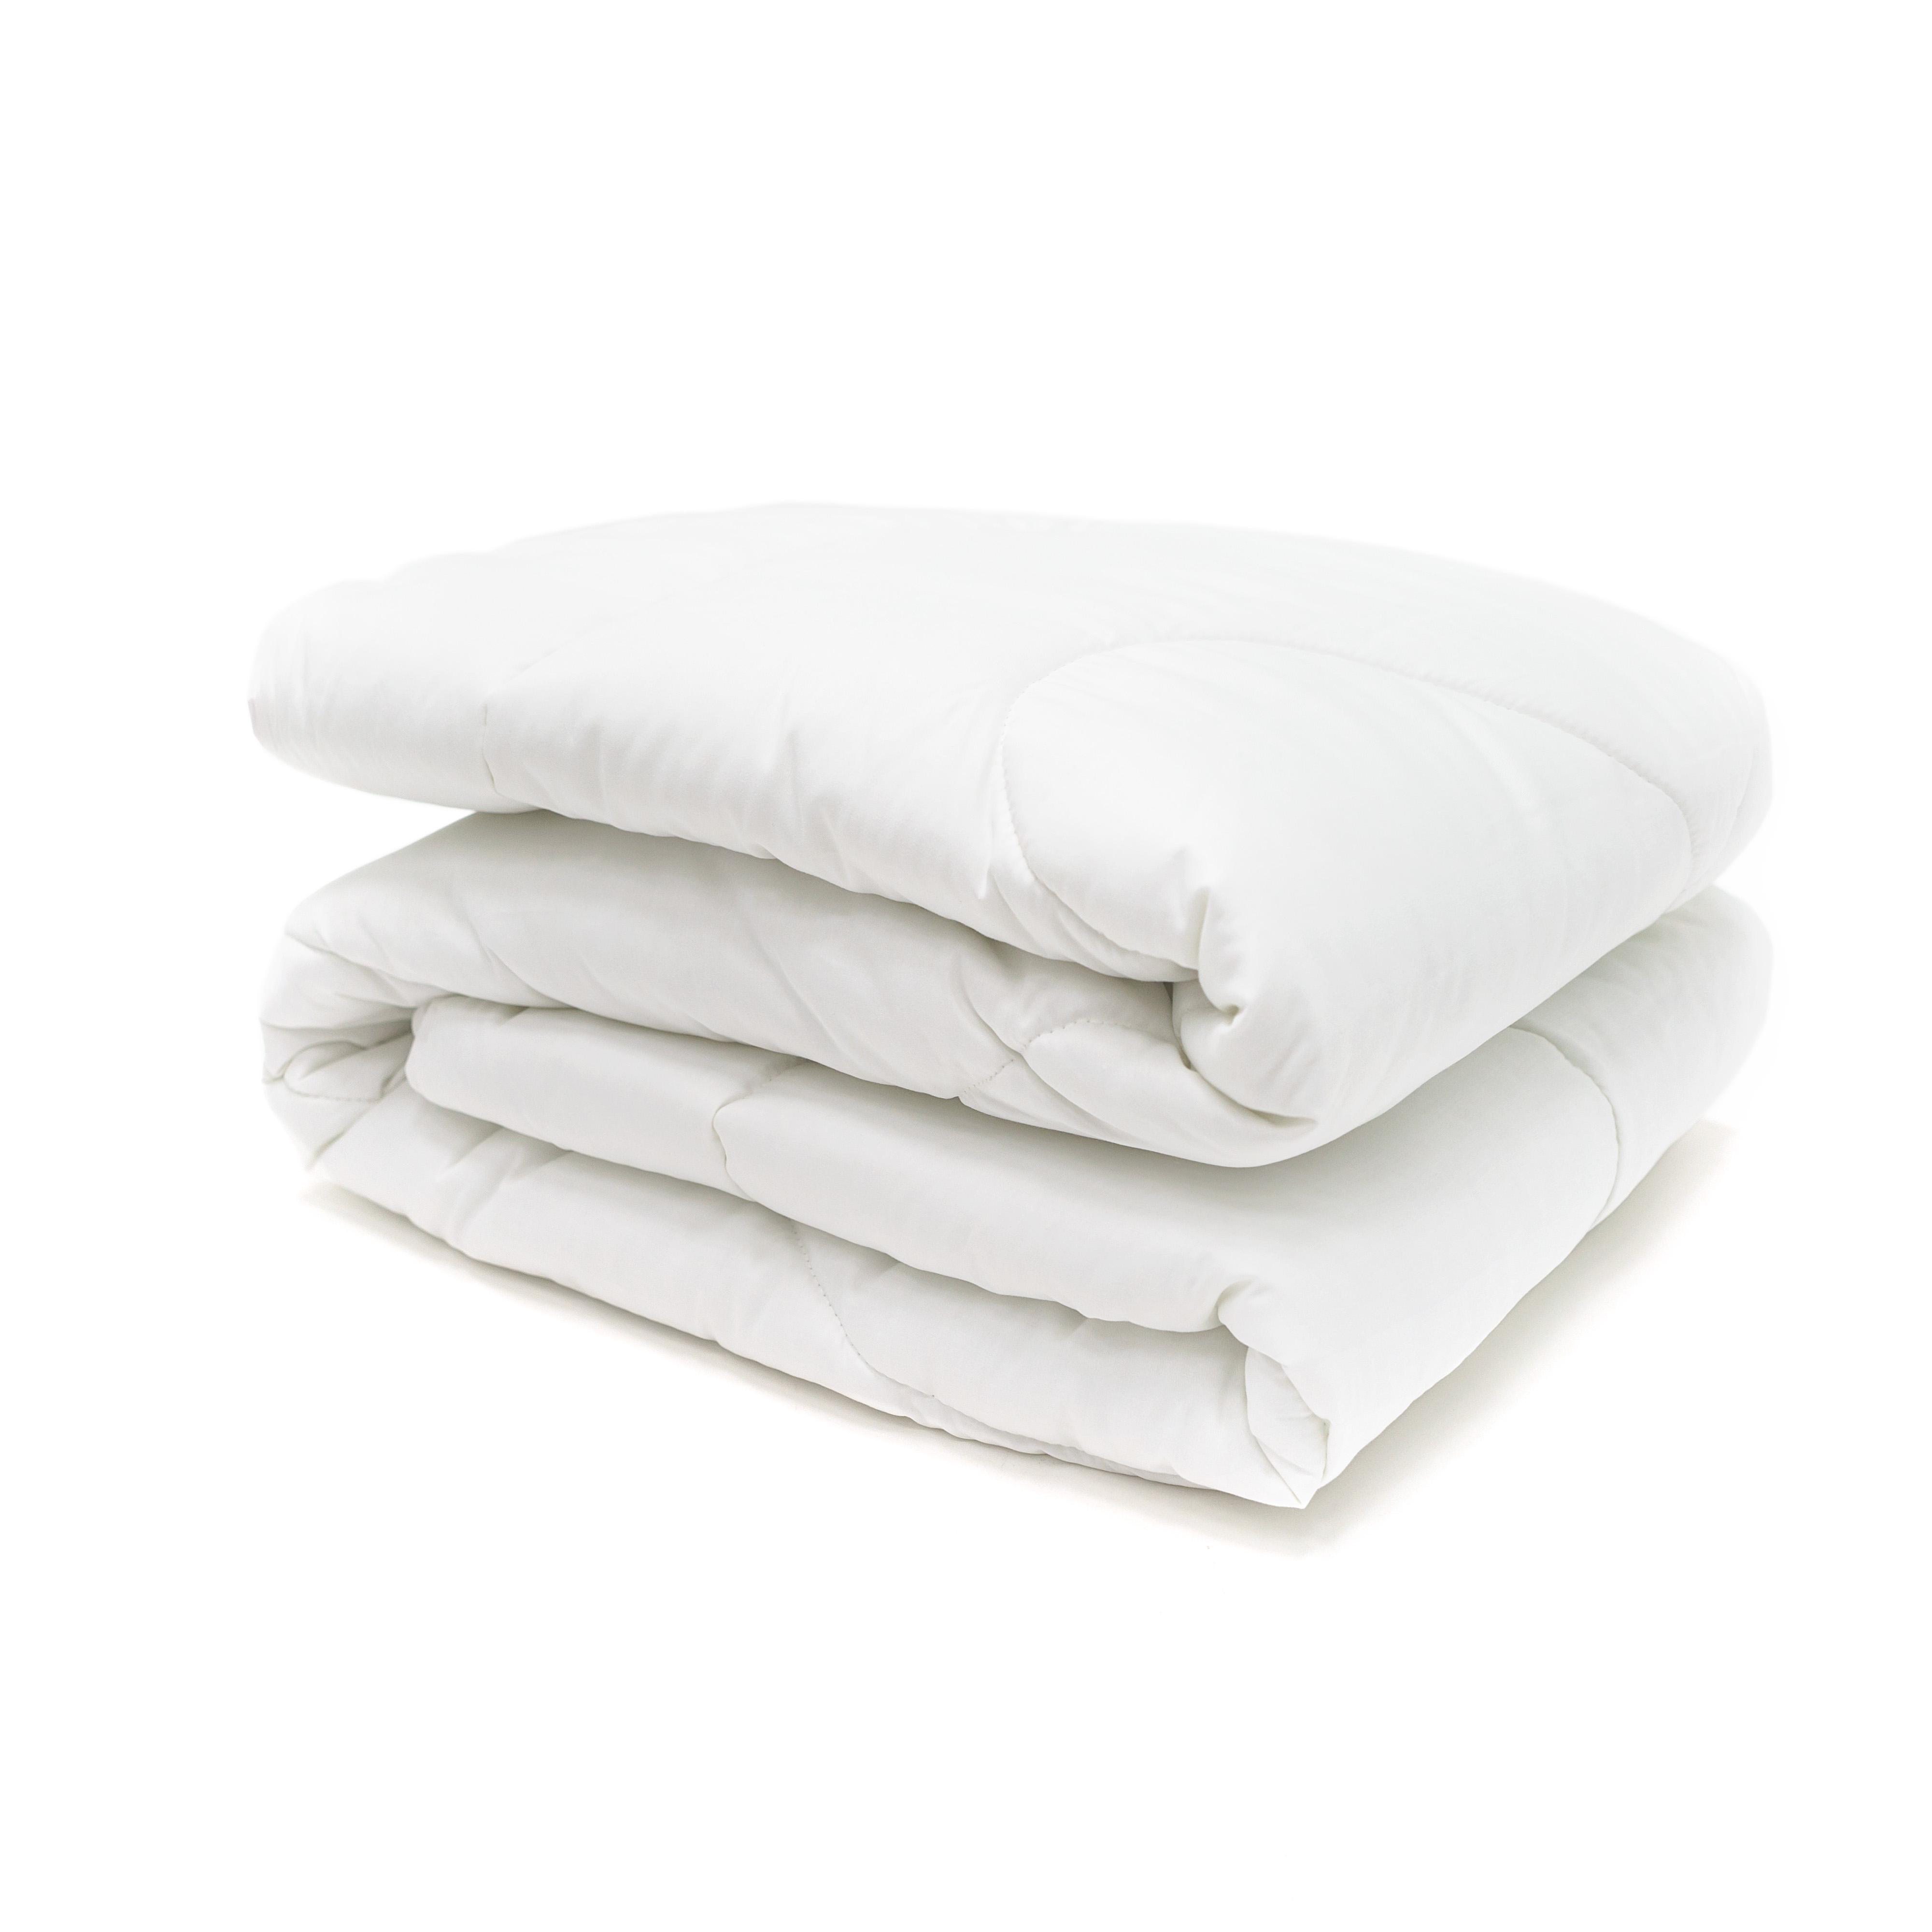 Одеяла CLASSIC by T Одеяло Пух в Тике (140х200 см) подушки classic by t подушка пух в тике 70х70